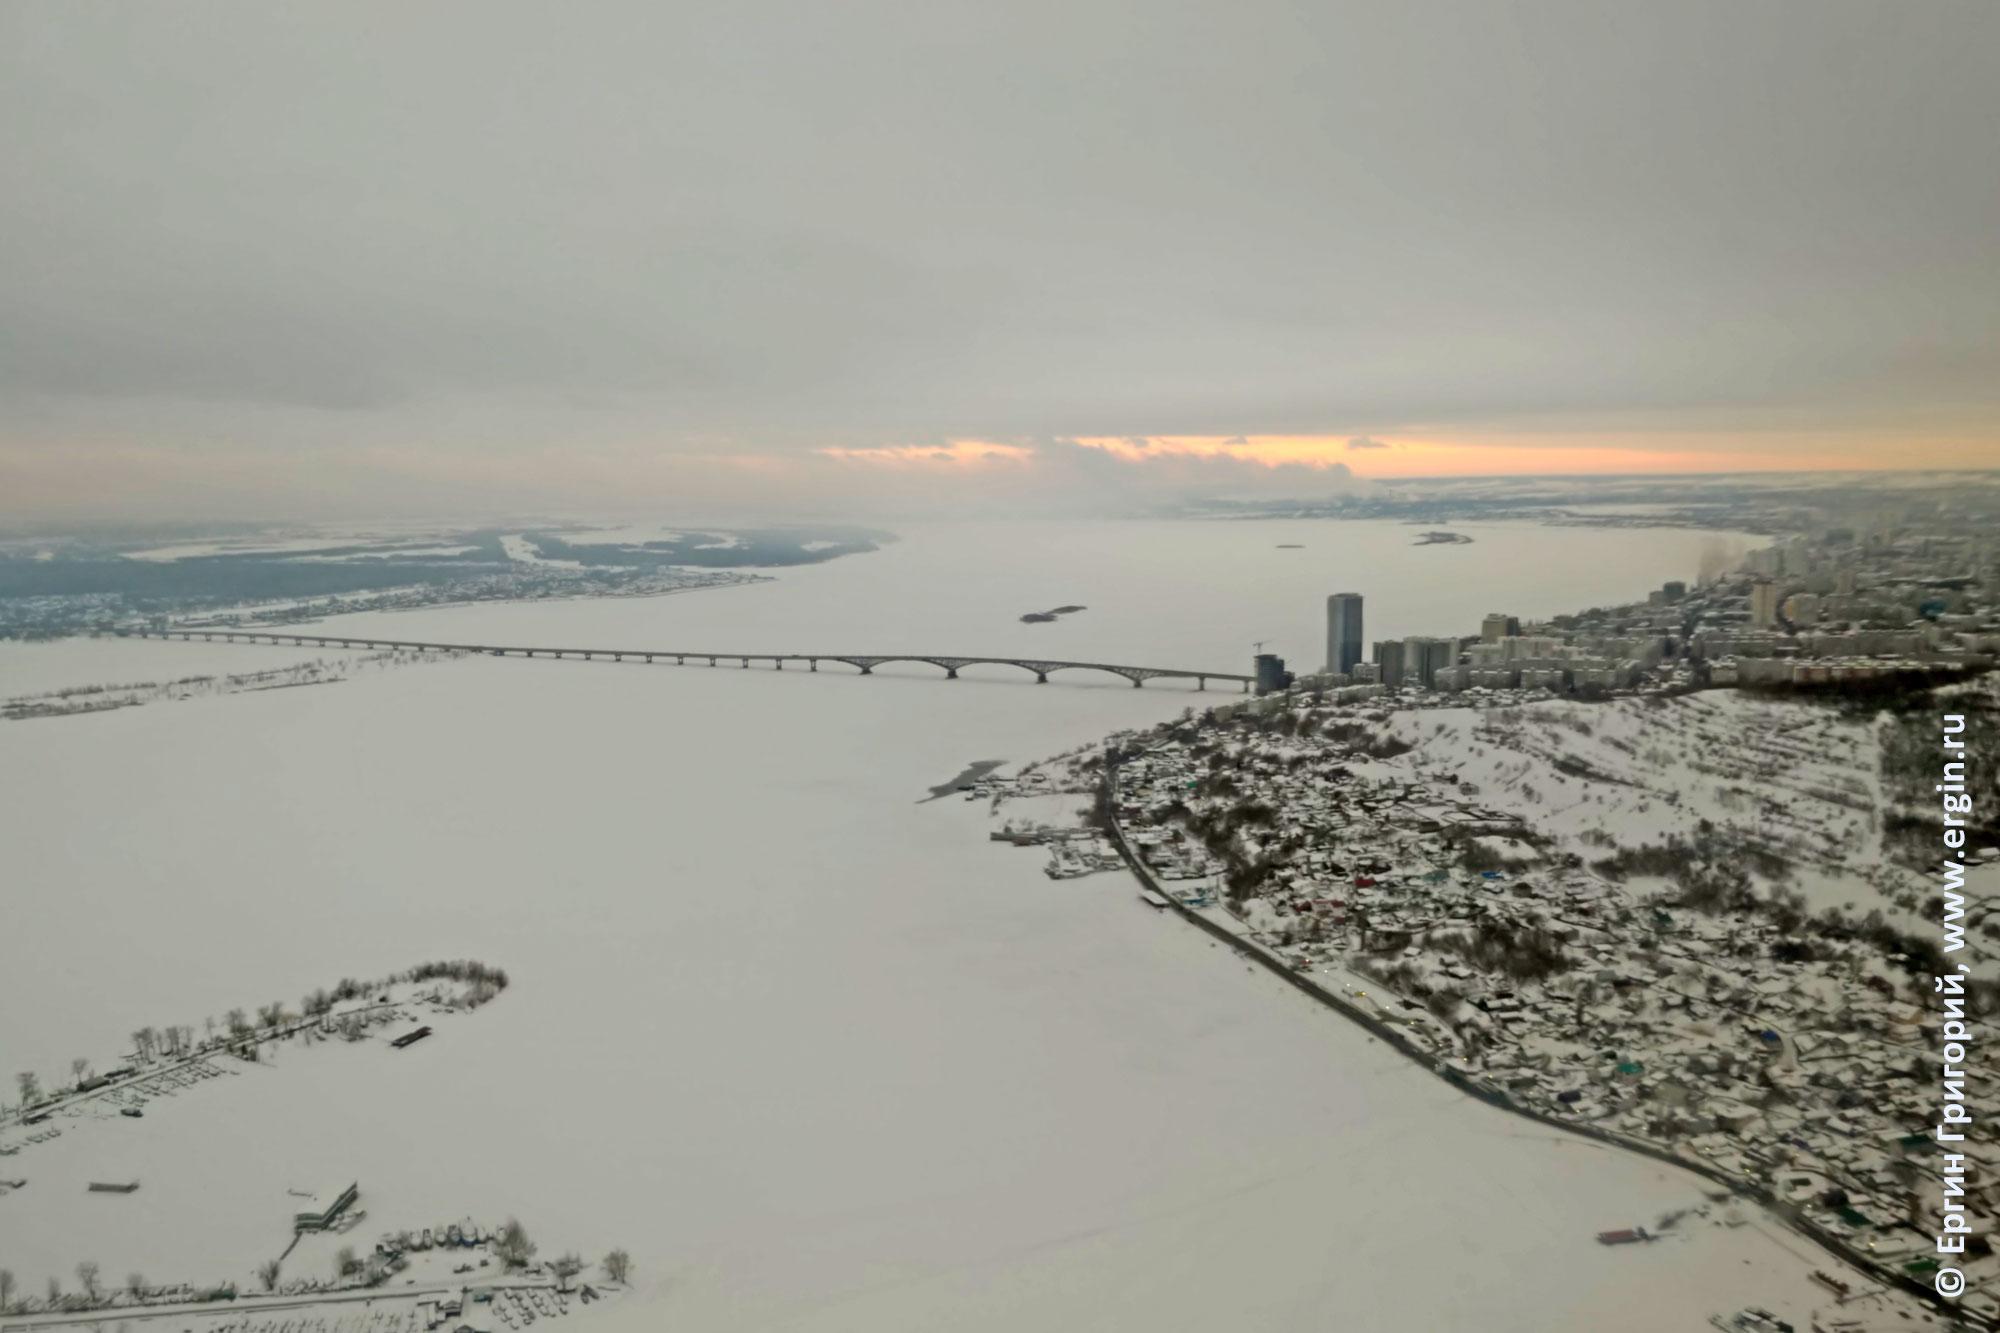 Саратов зима Саратовский мост вид с самолета